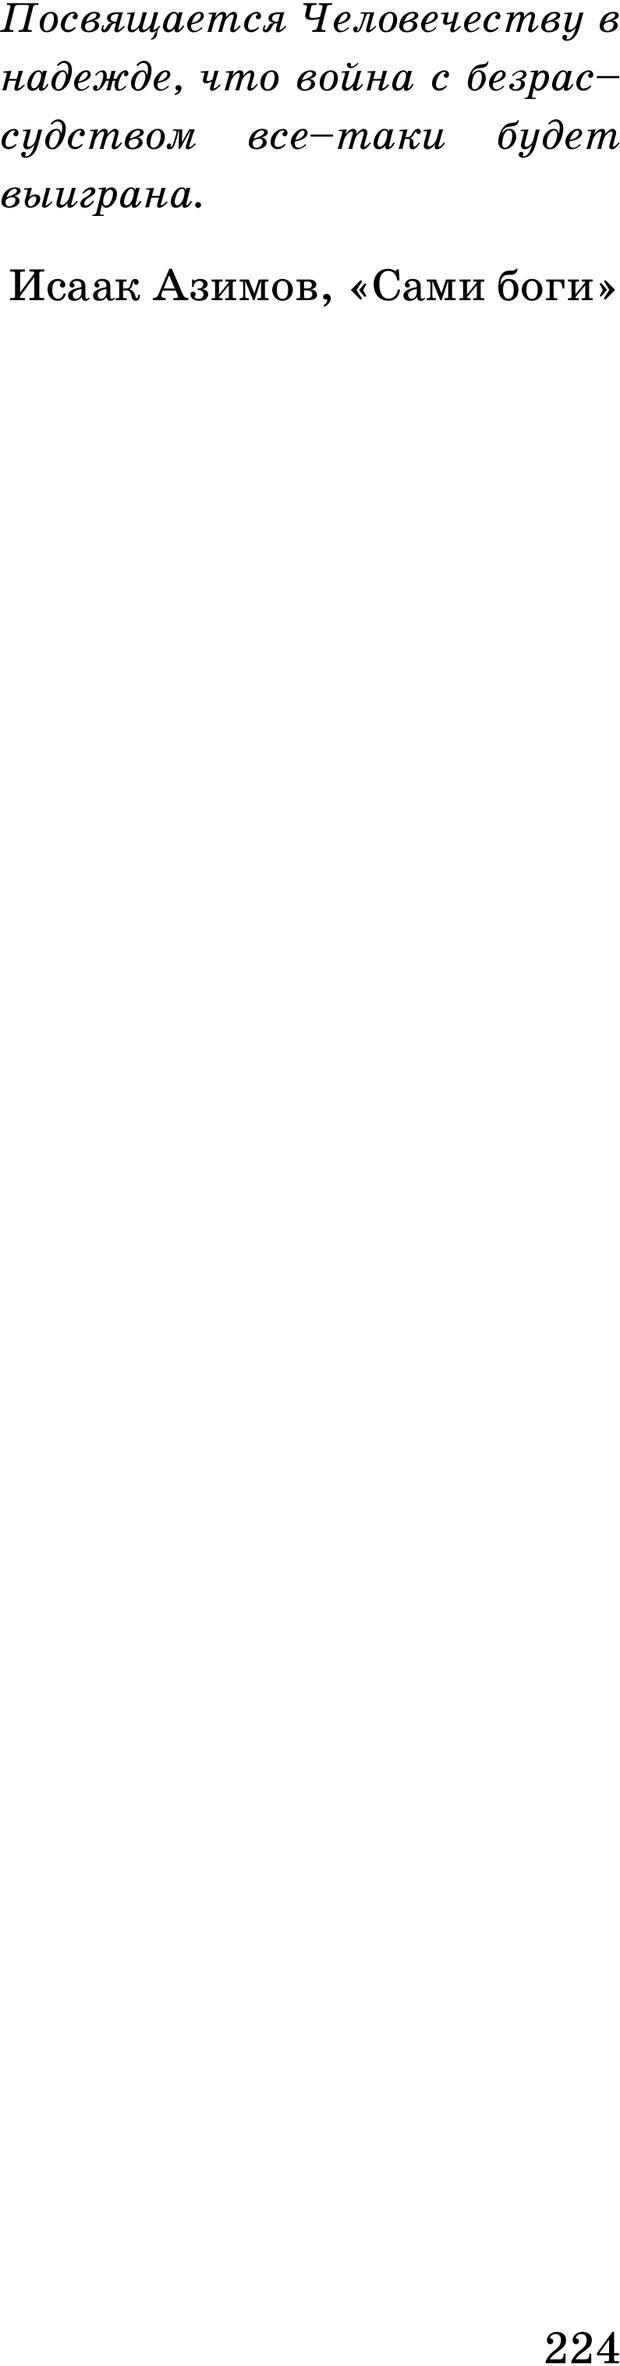 PDF. Русская Модель Эффективного Соблазнения. Мастерский курс. Богачев Ф. О. Страница 219. Читать онлайн